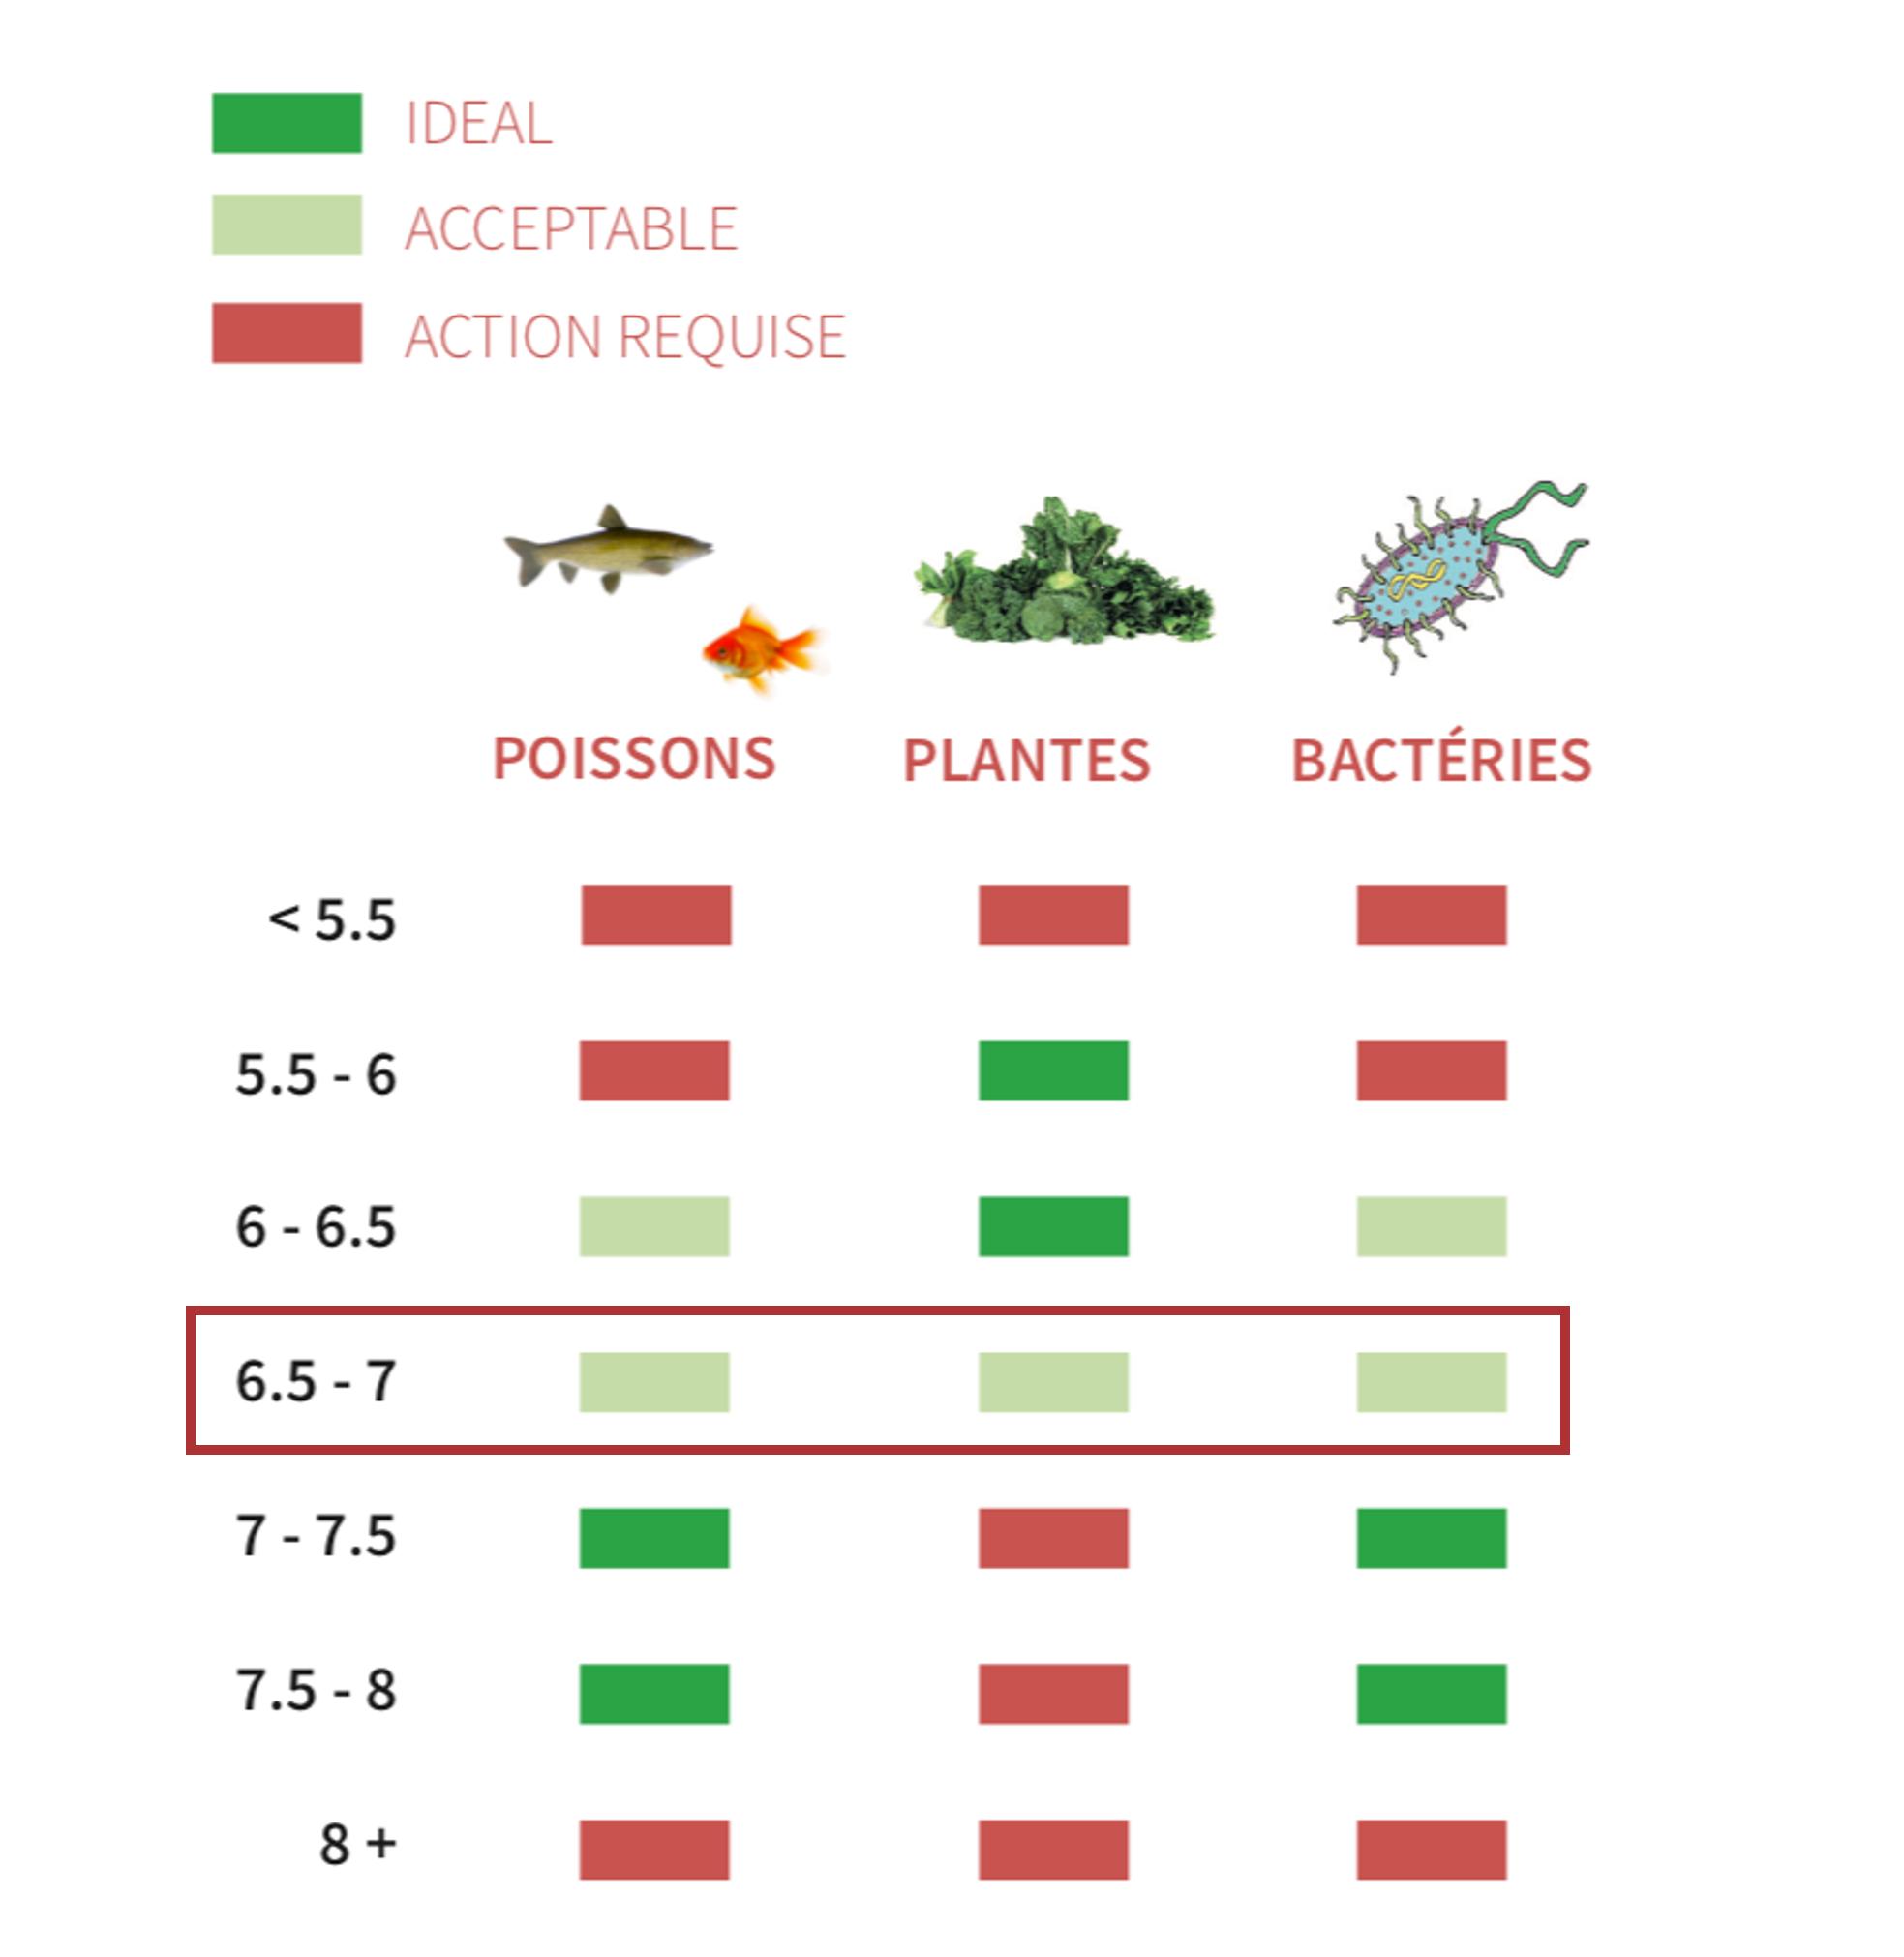 Intervalle de valeurs idéales pour le pH en aquaponie et bioponie